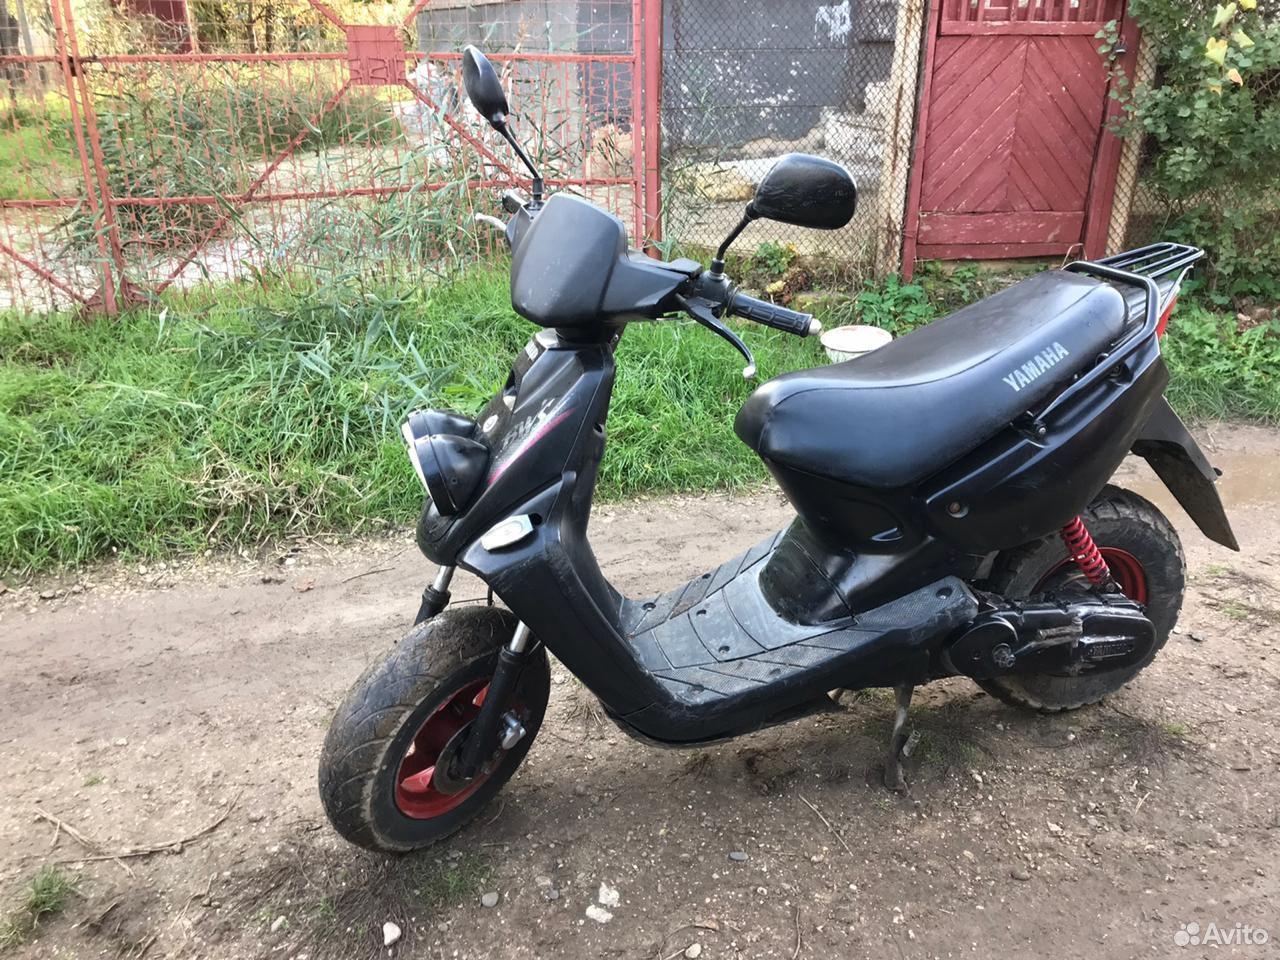 Yamaha bws 50